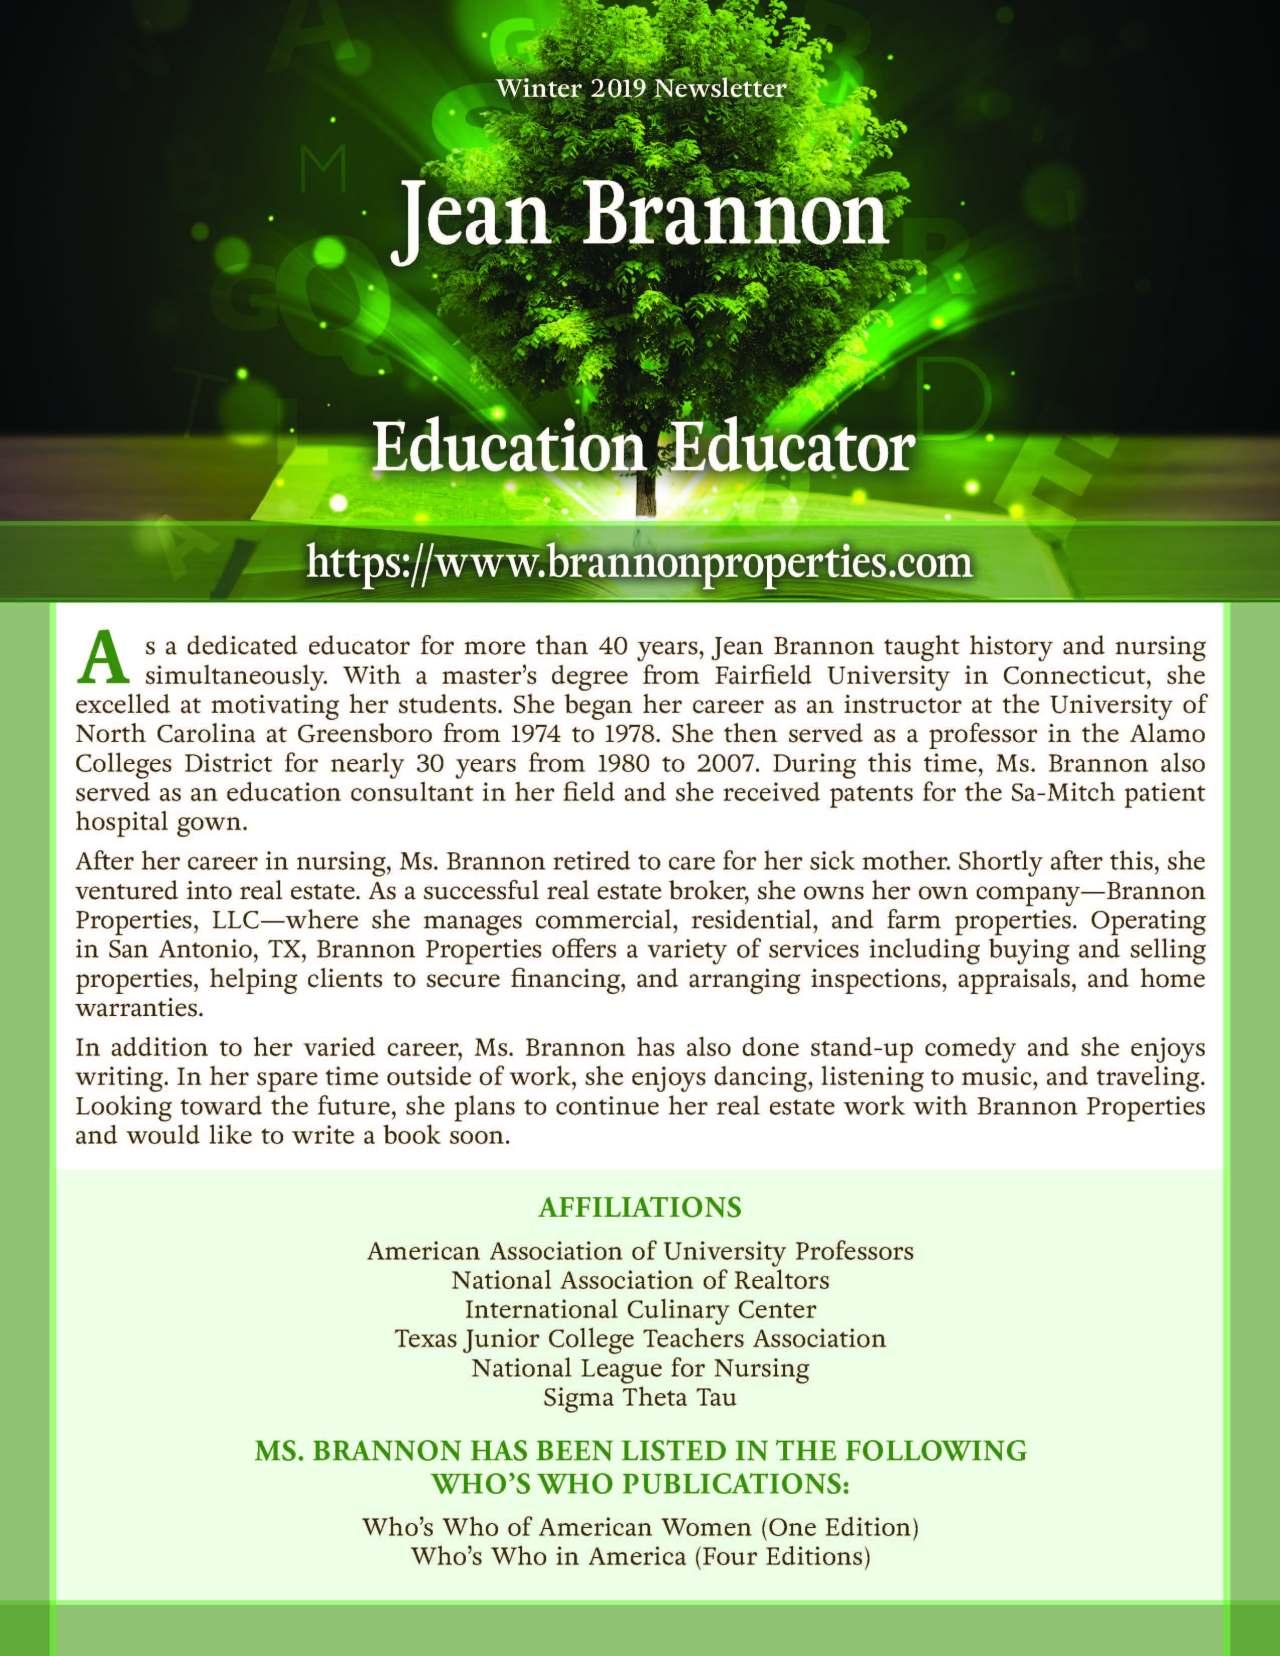 Brannon, Jean 2202046_30948672 Newsletter.jpg